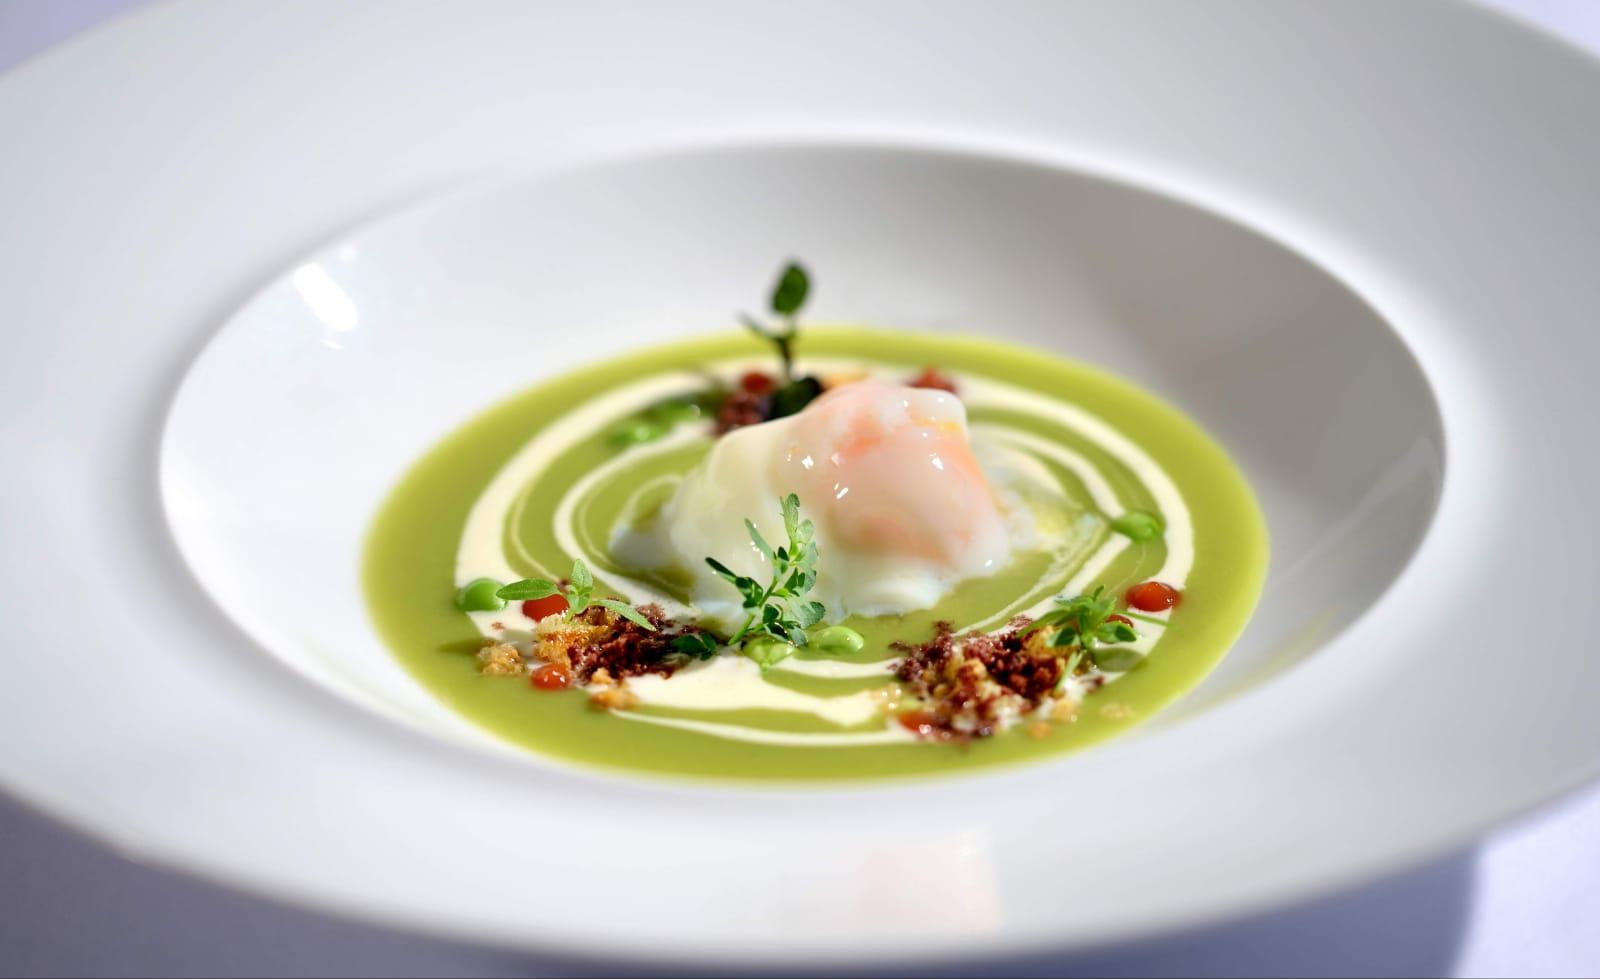 Uovo cotto a 62 gradi su crema di piselli al rosmarino, vortice di caprino, topinade di olive nere e ketchup di pomodoro San Marzano